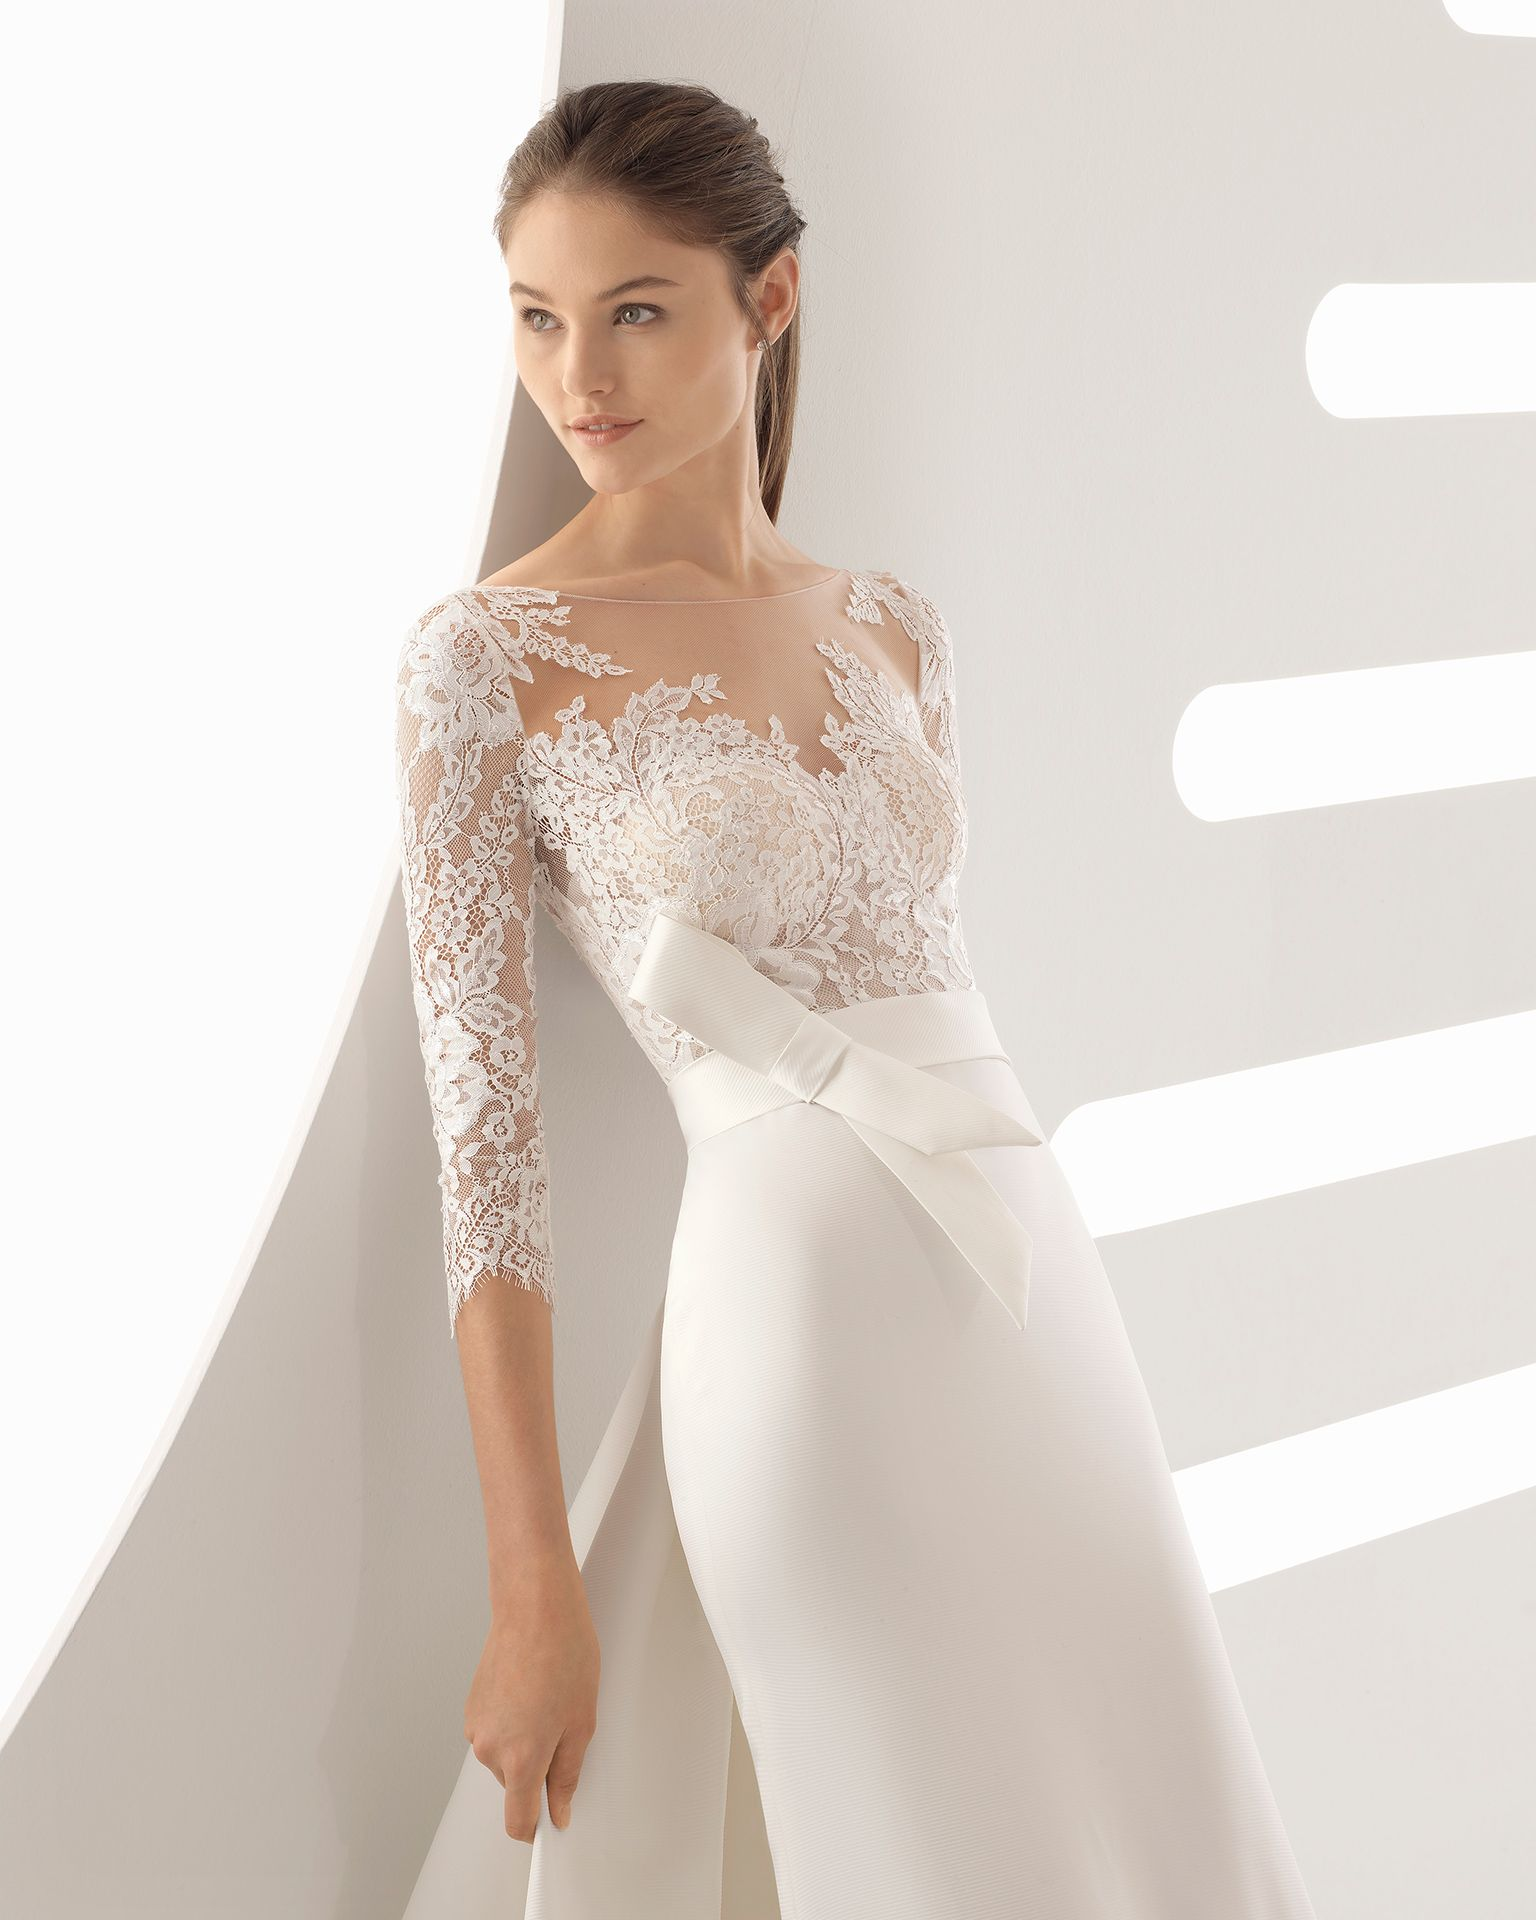 f4149865f8b1 Abito da sposa taglio sirena in ottomano e pizzo con schiena scollata e  trasparenze. Collezione 2018 Rosa Clará.